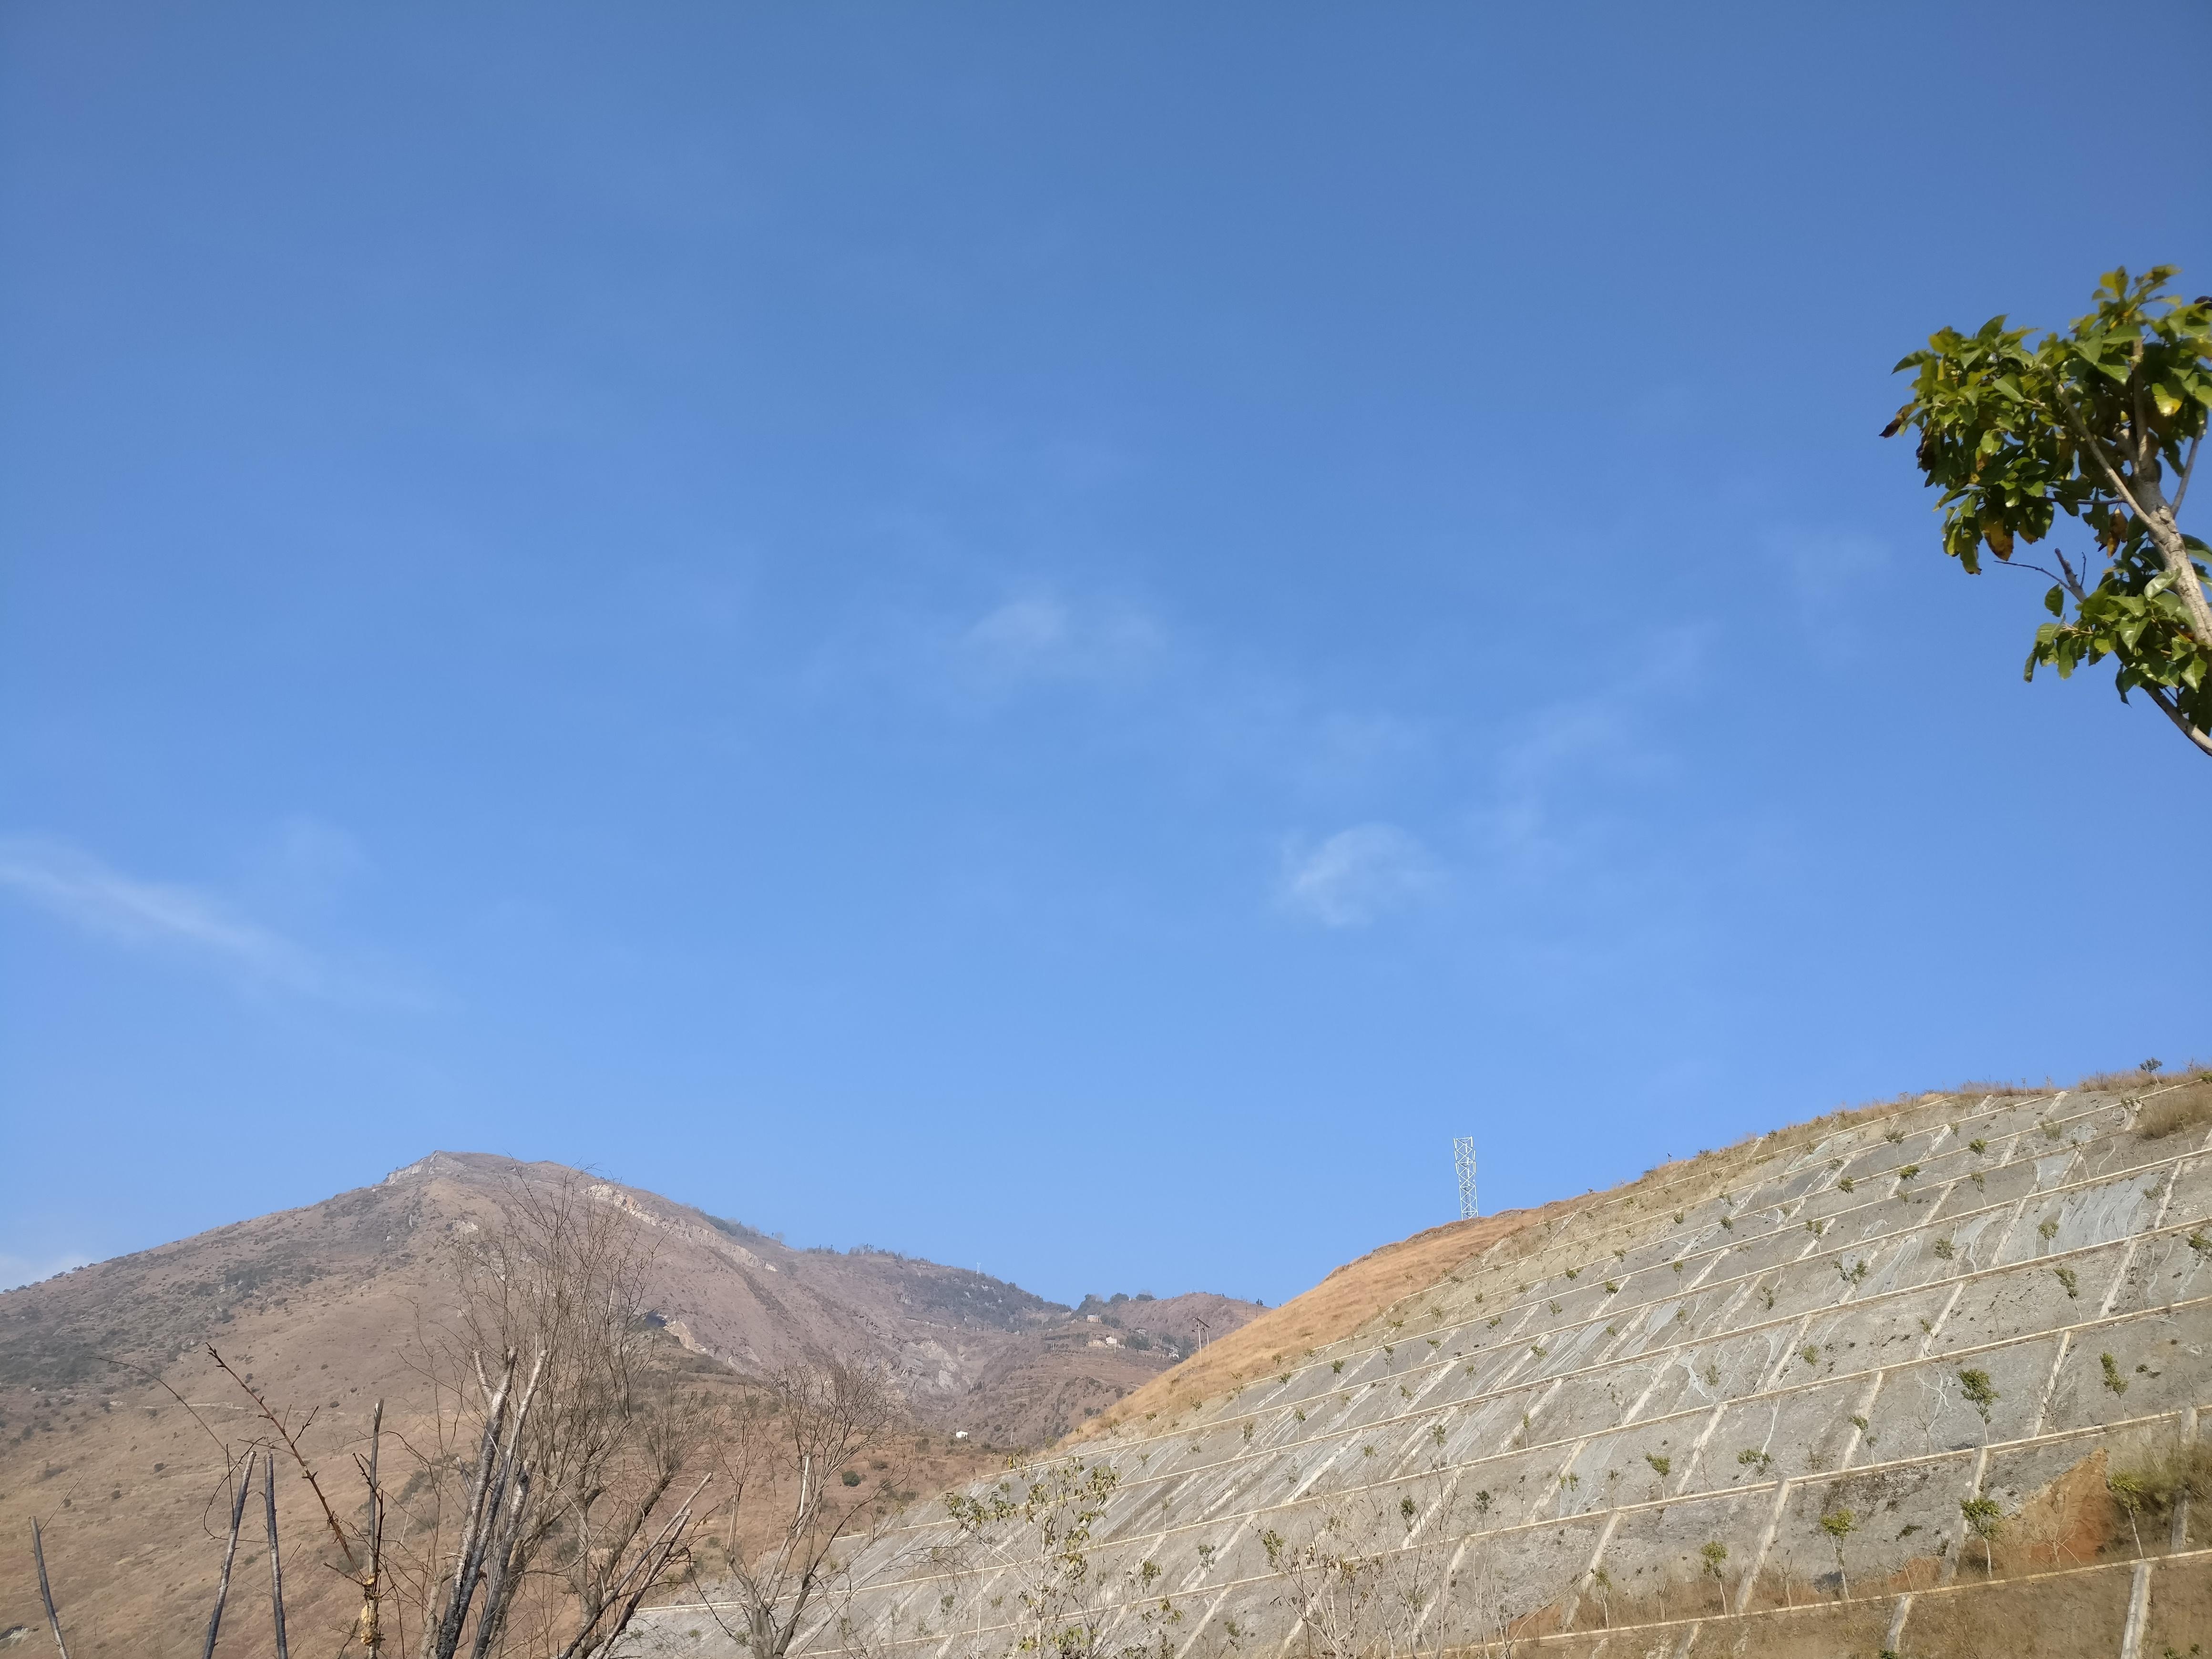 170101汉源好天气.jpg